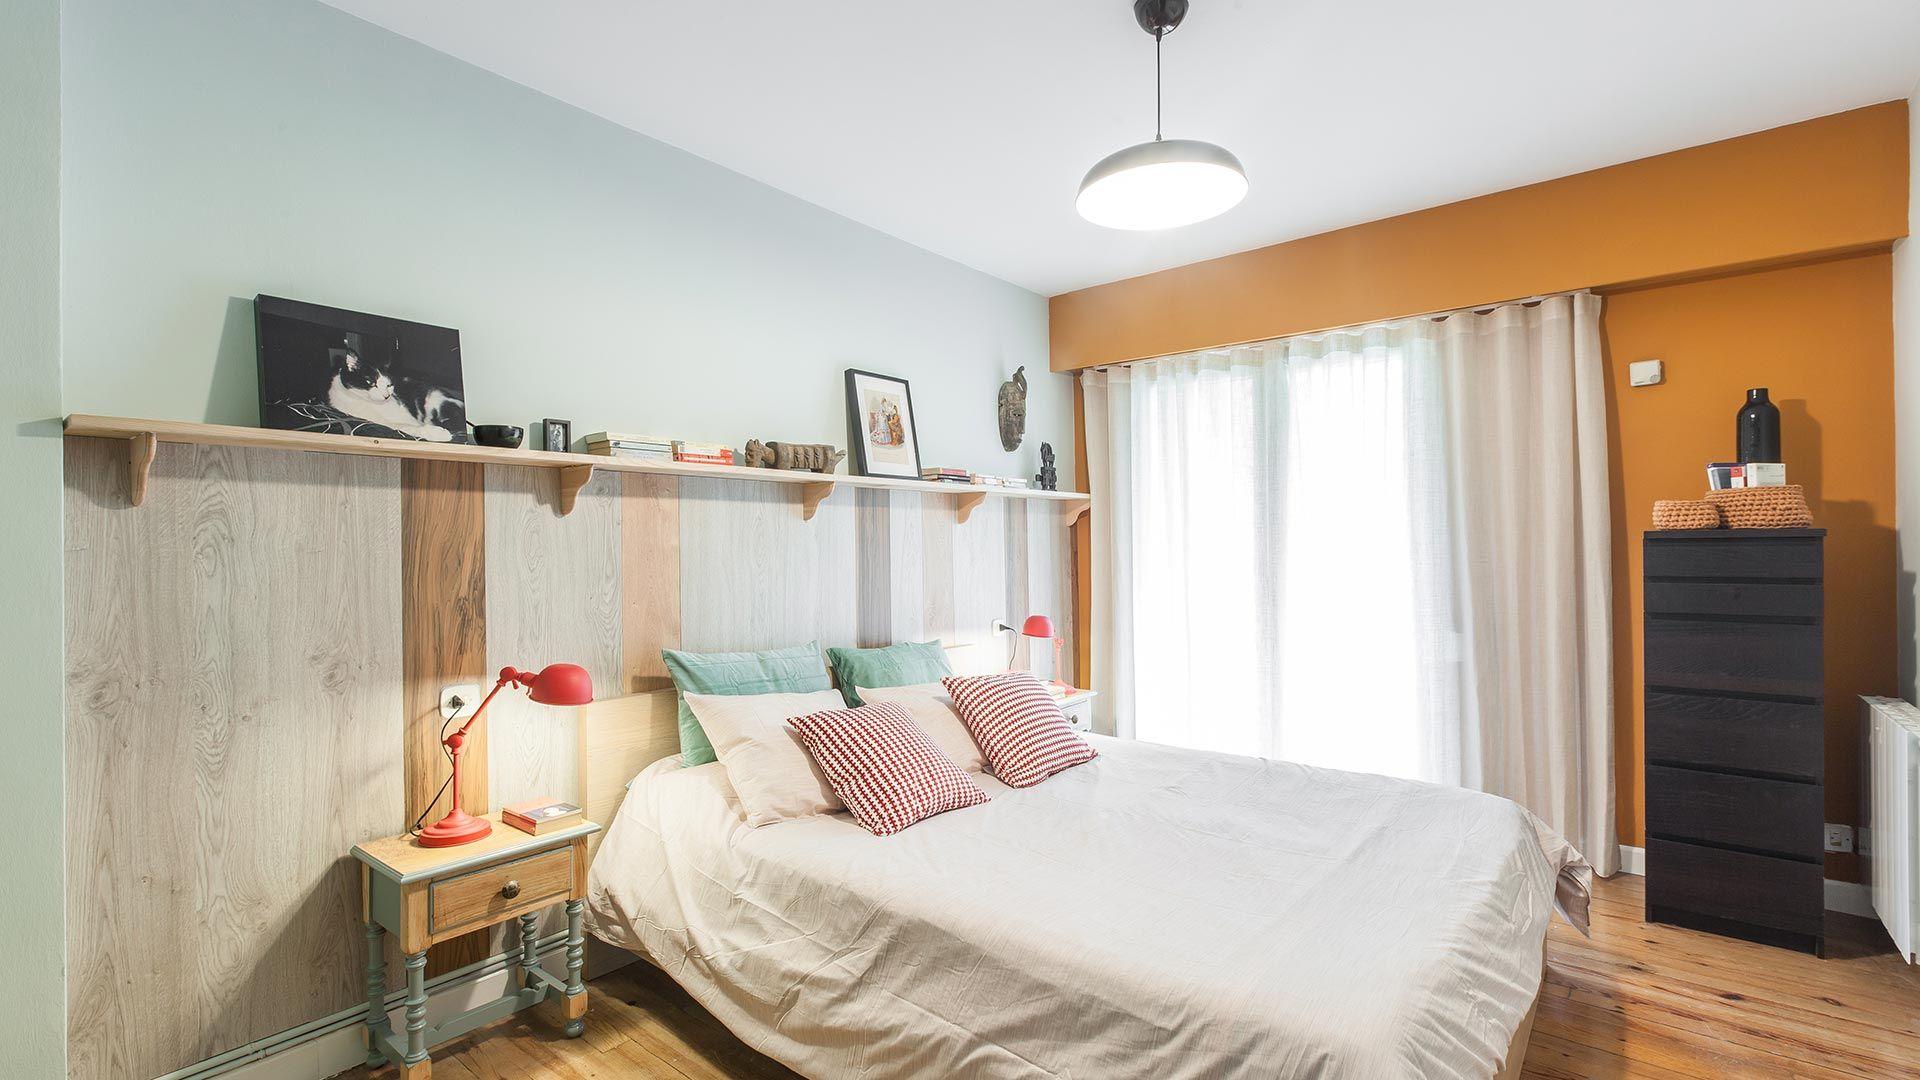 Chambre jaune avec frise en bois